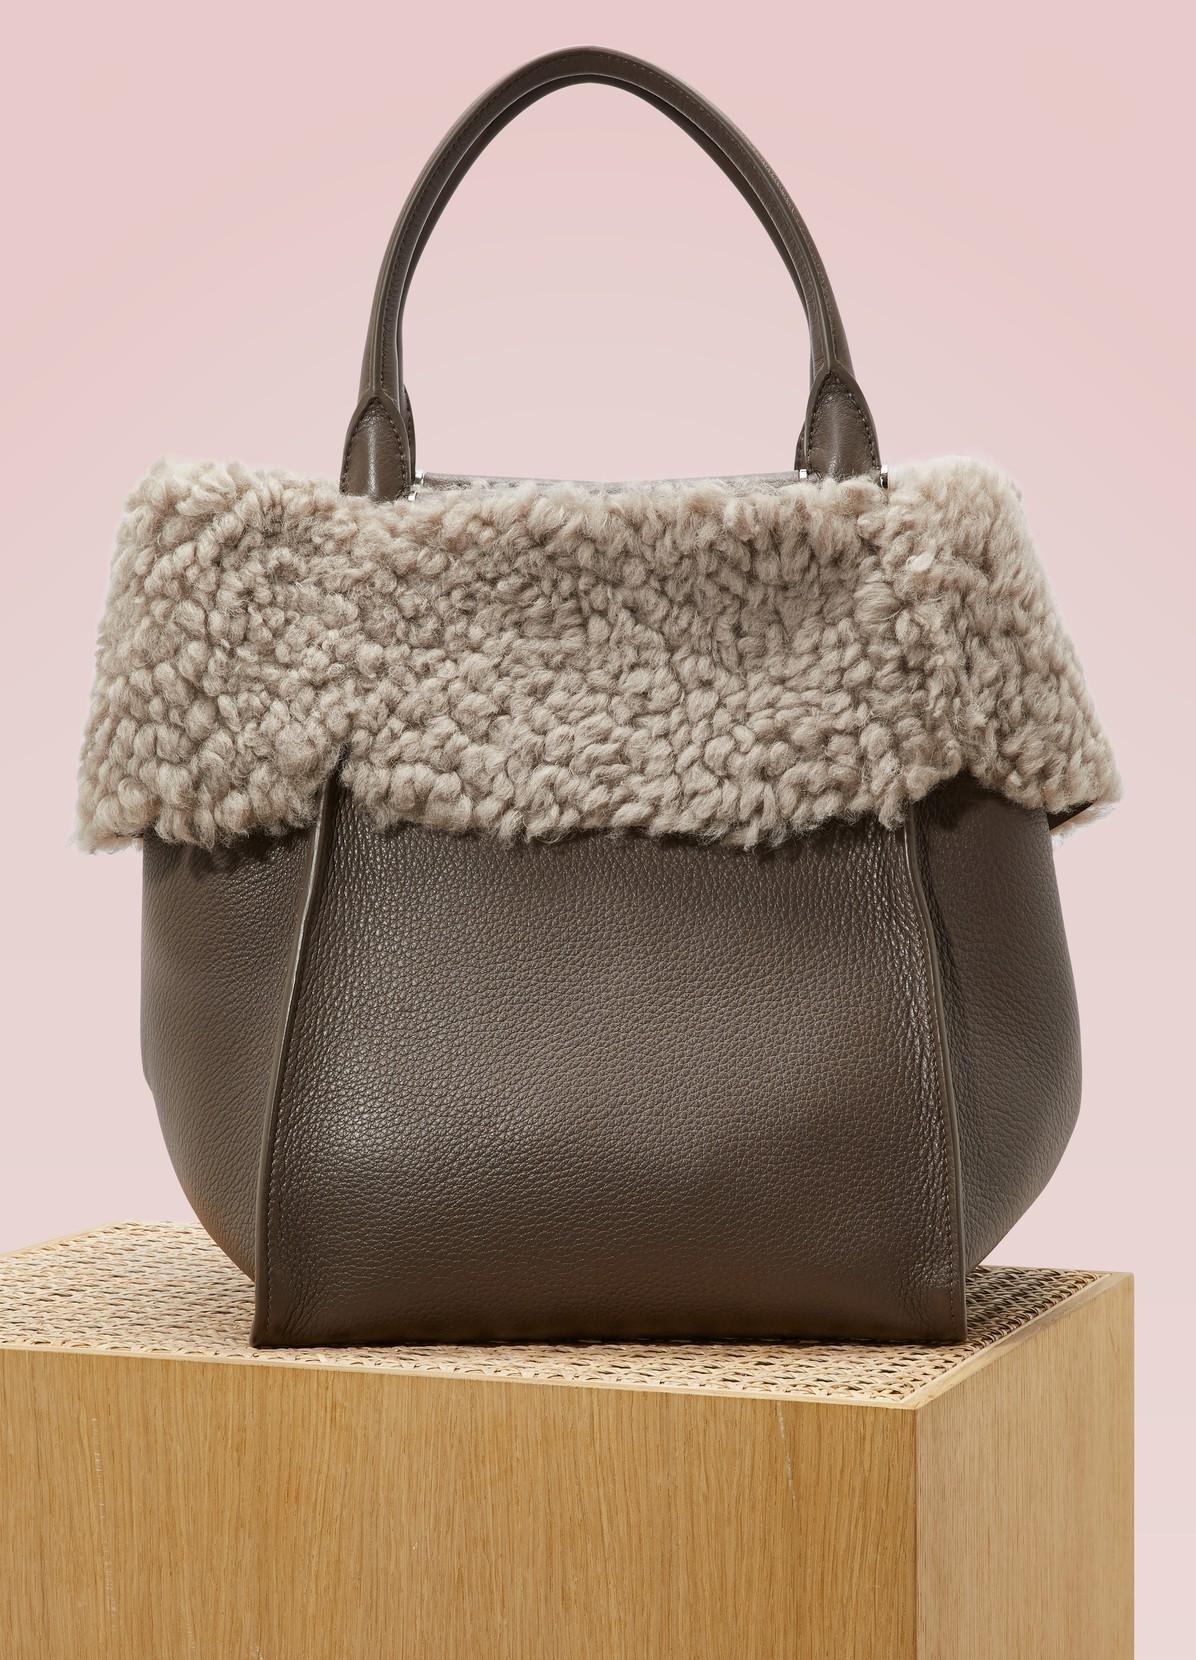 Max Mara Deer Leather Handbag